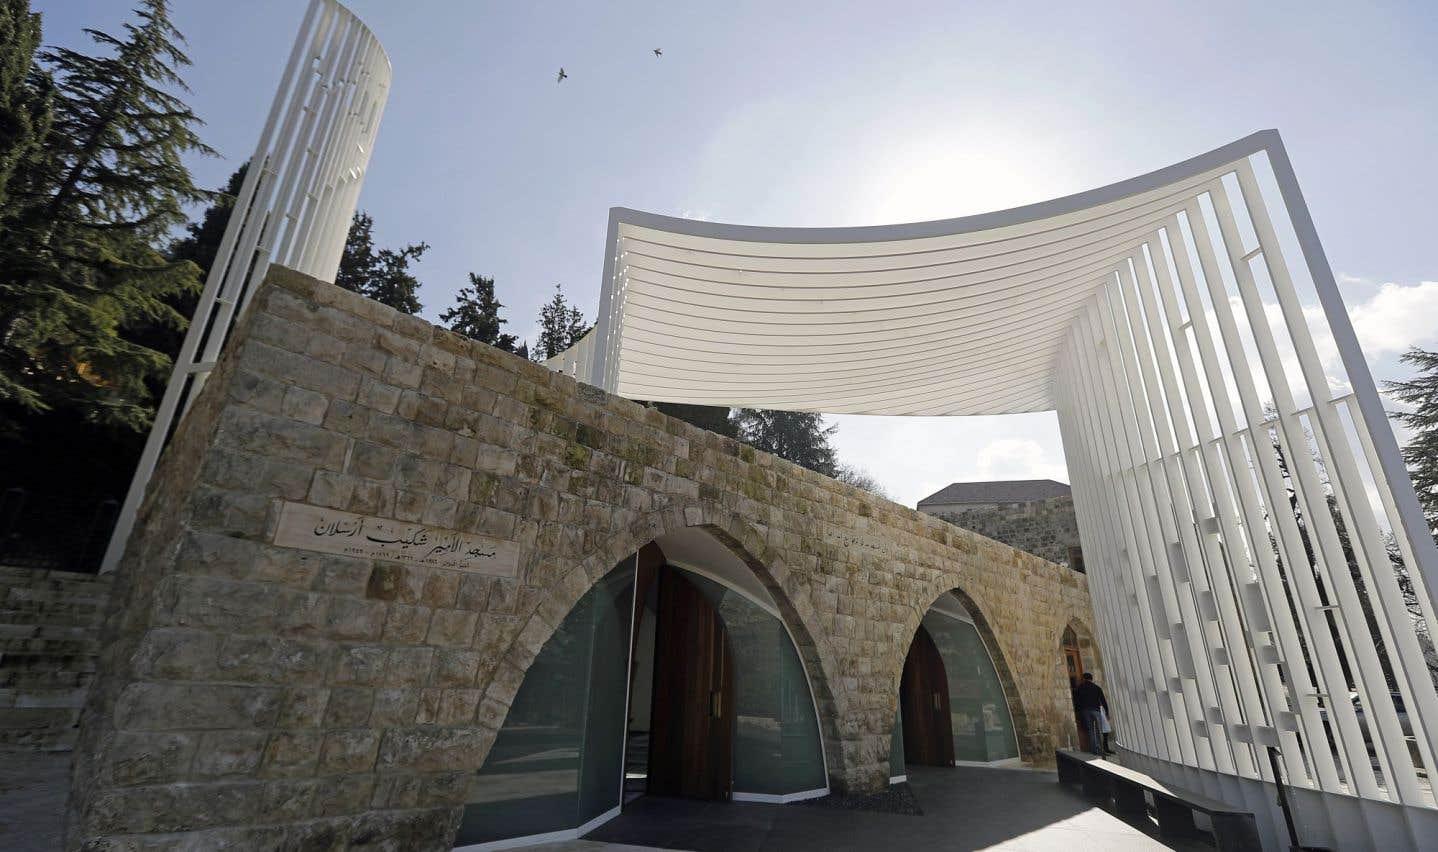 Une mosquée d'avant-garde en pays druze